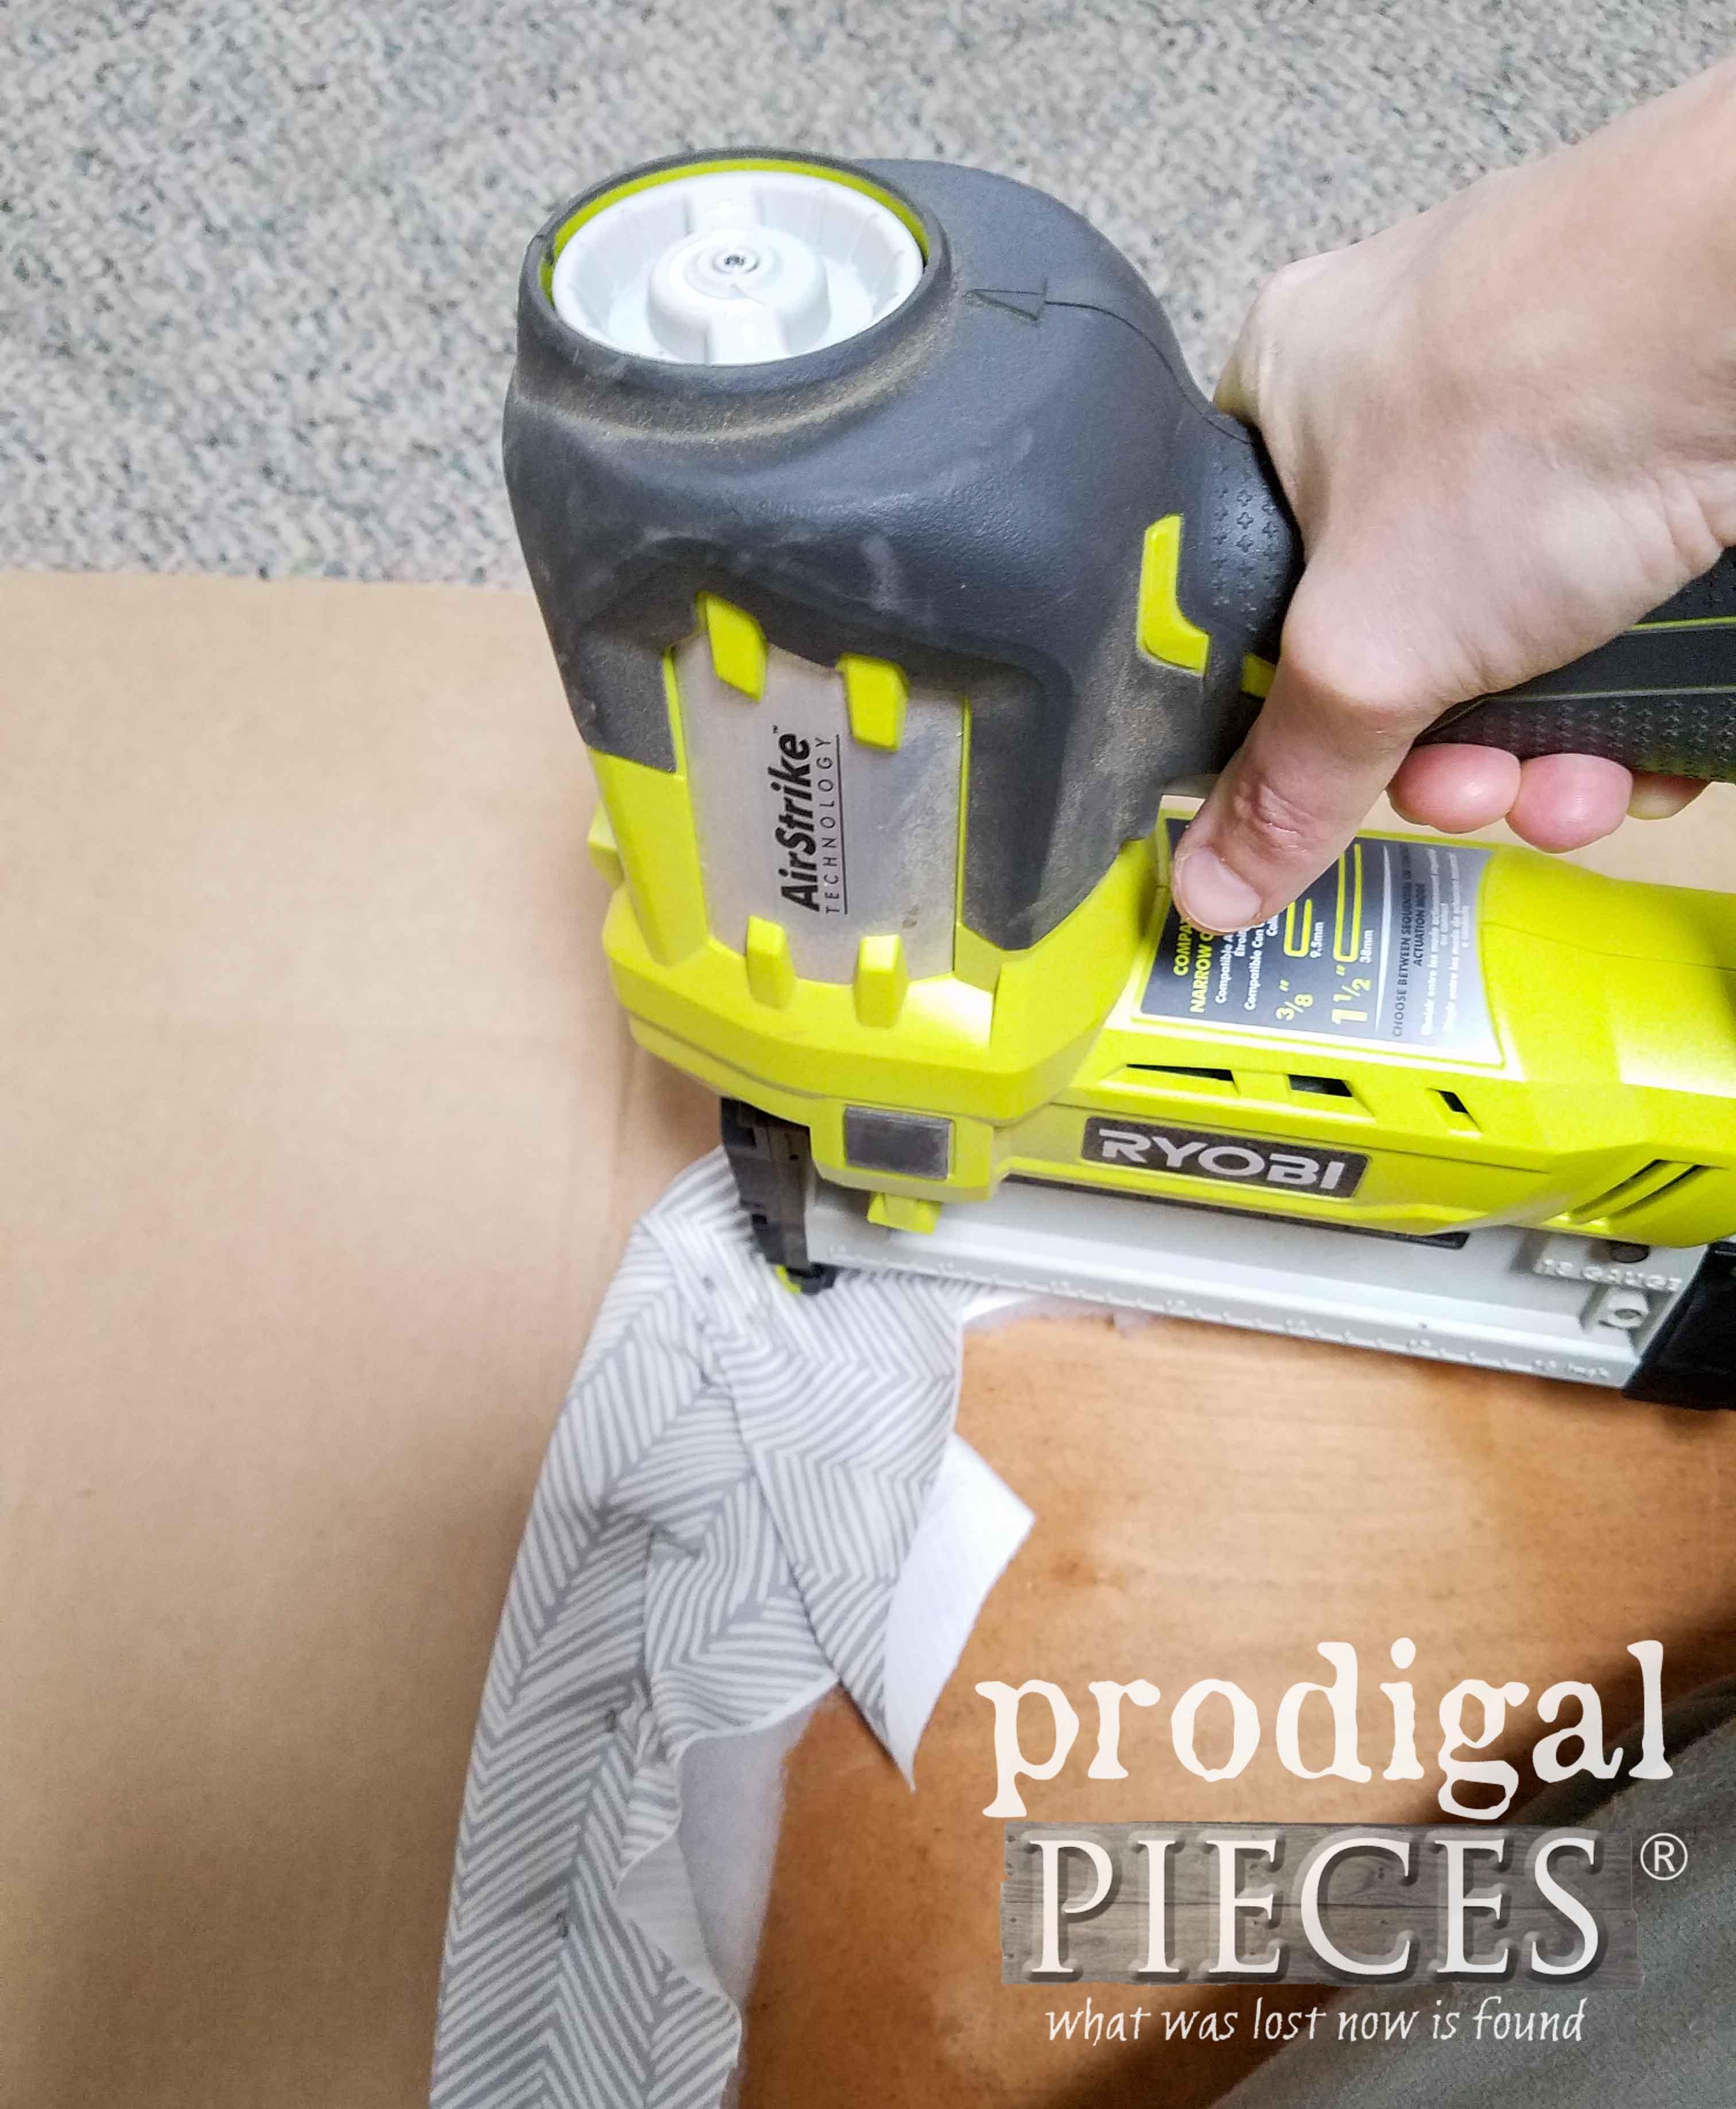 Ryobi AirStrike Stapler for Upholstery | prodigalpieces.com